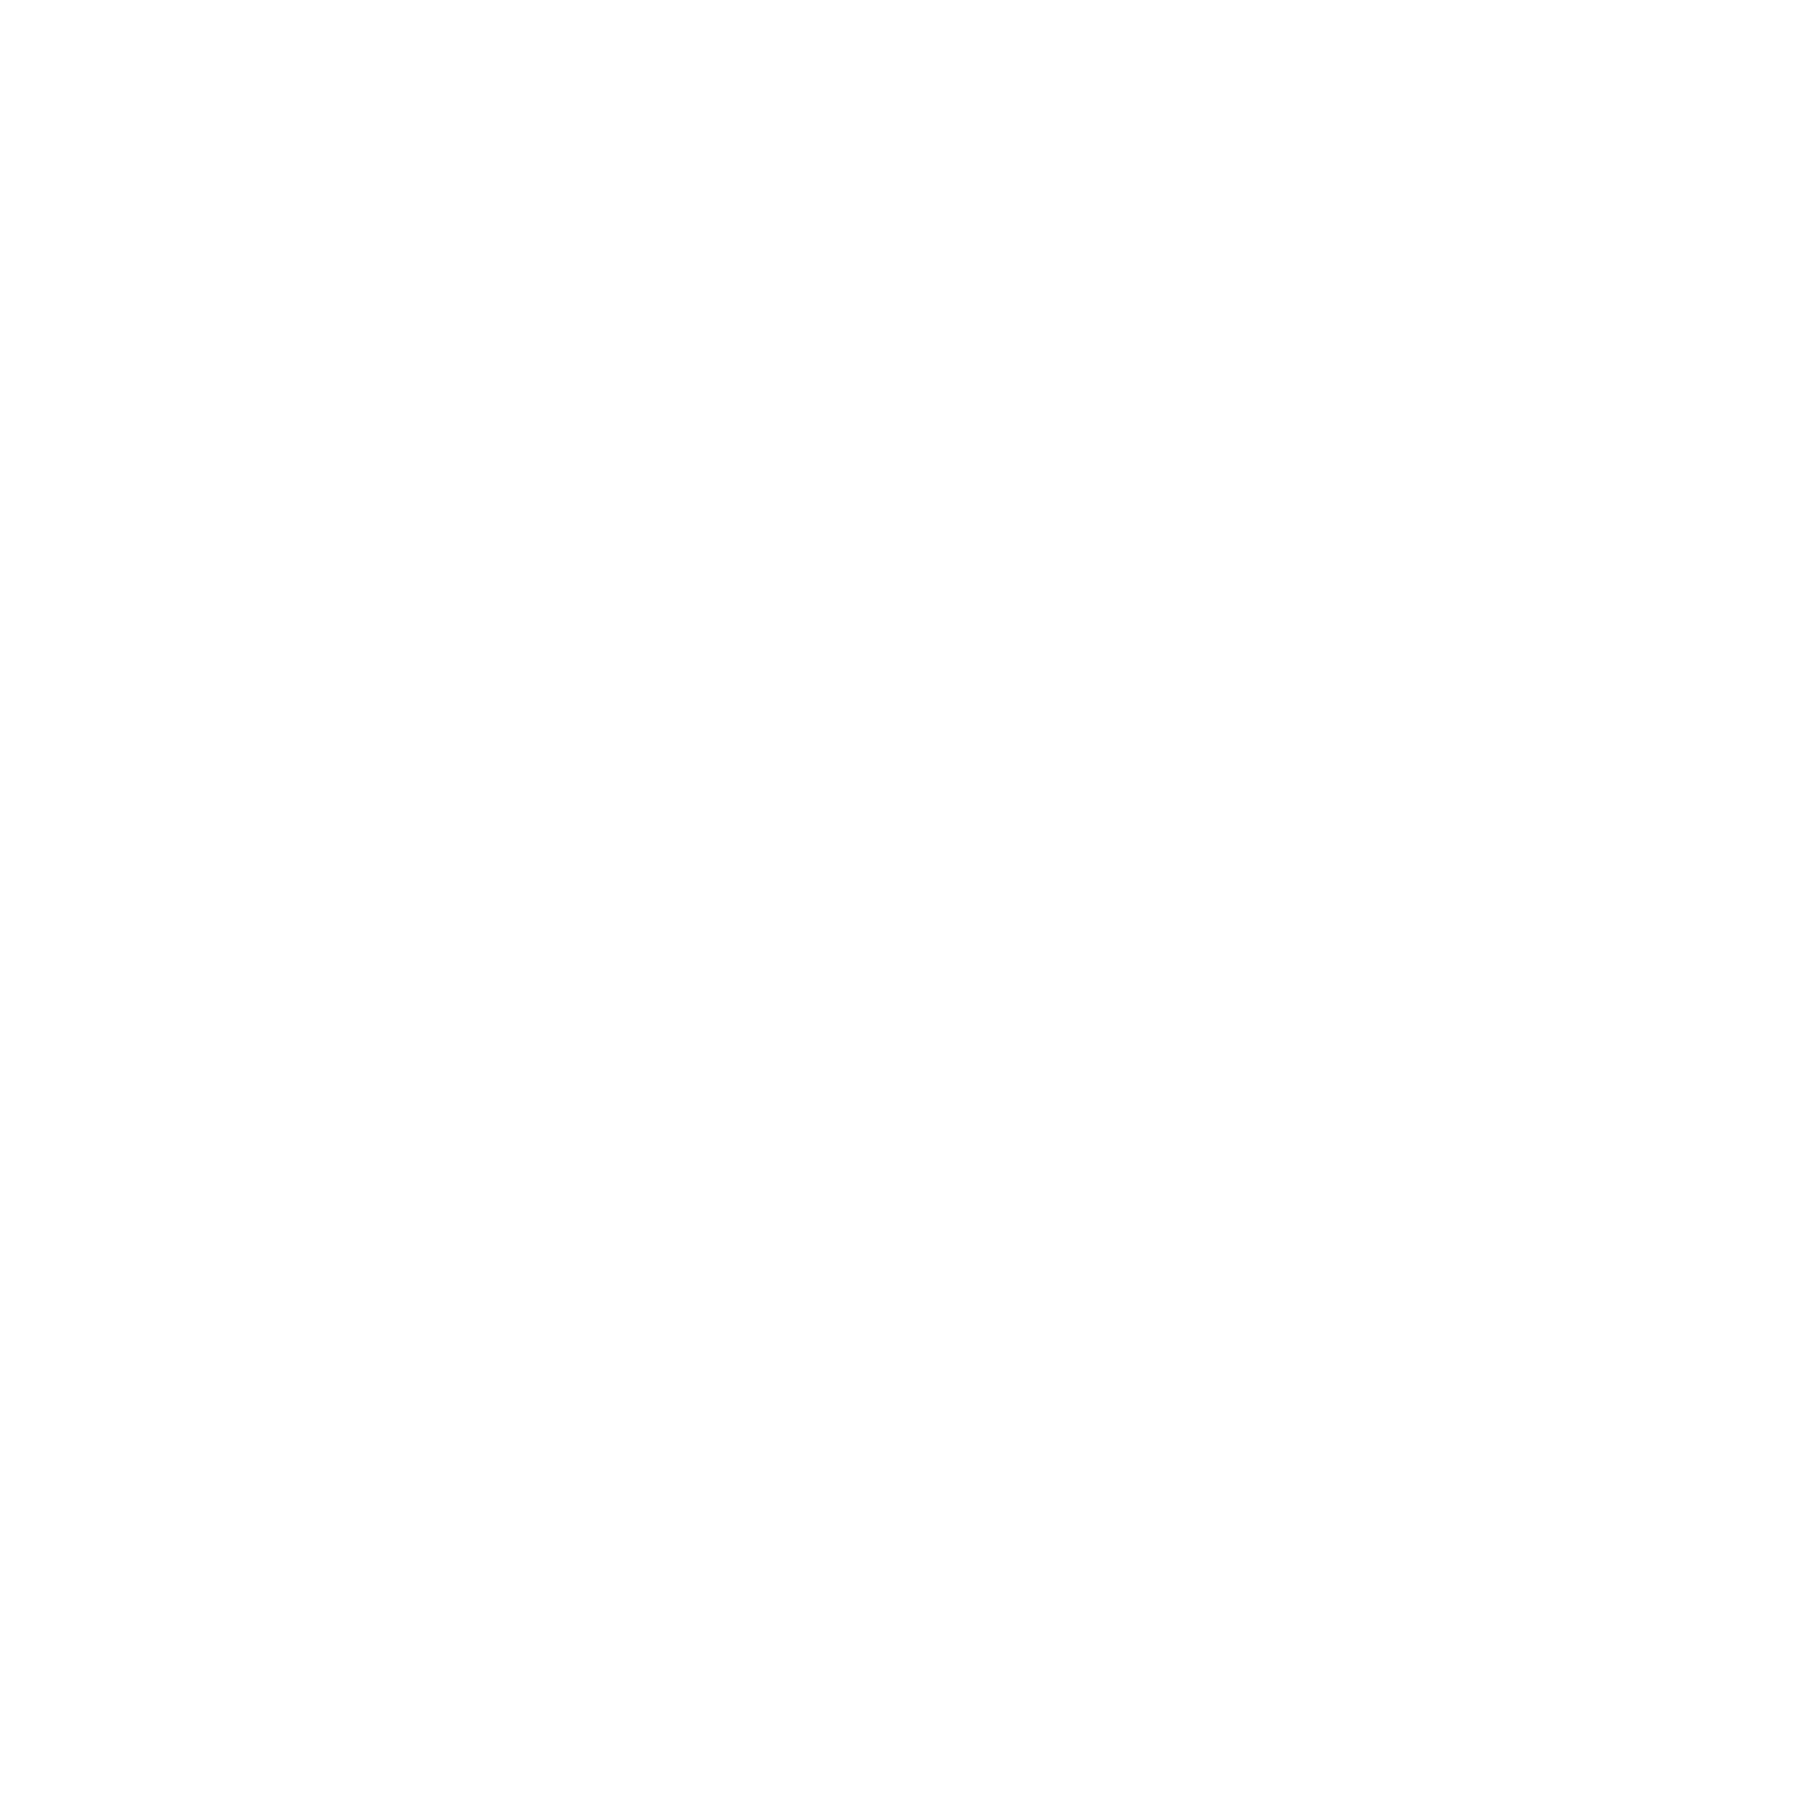 grifin_secure_256bit_safe_sound_fintech.png